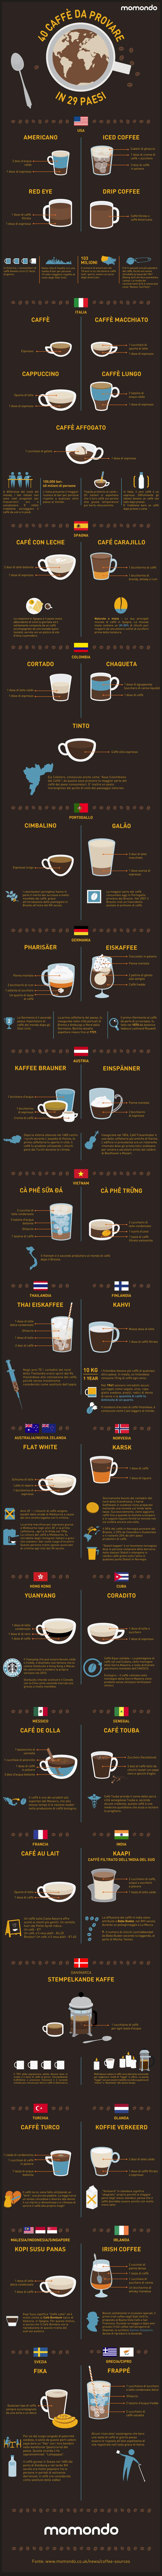 Momondo - infographic